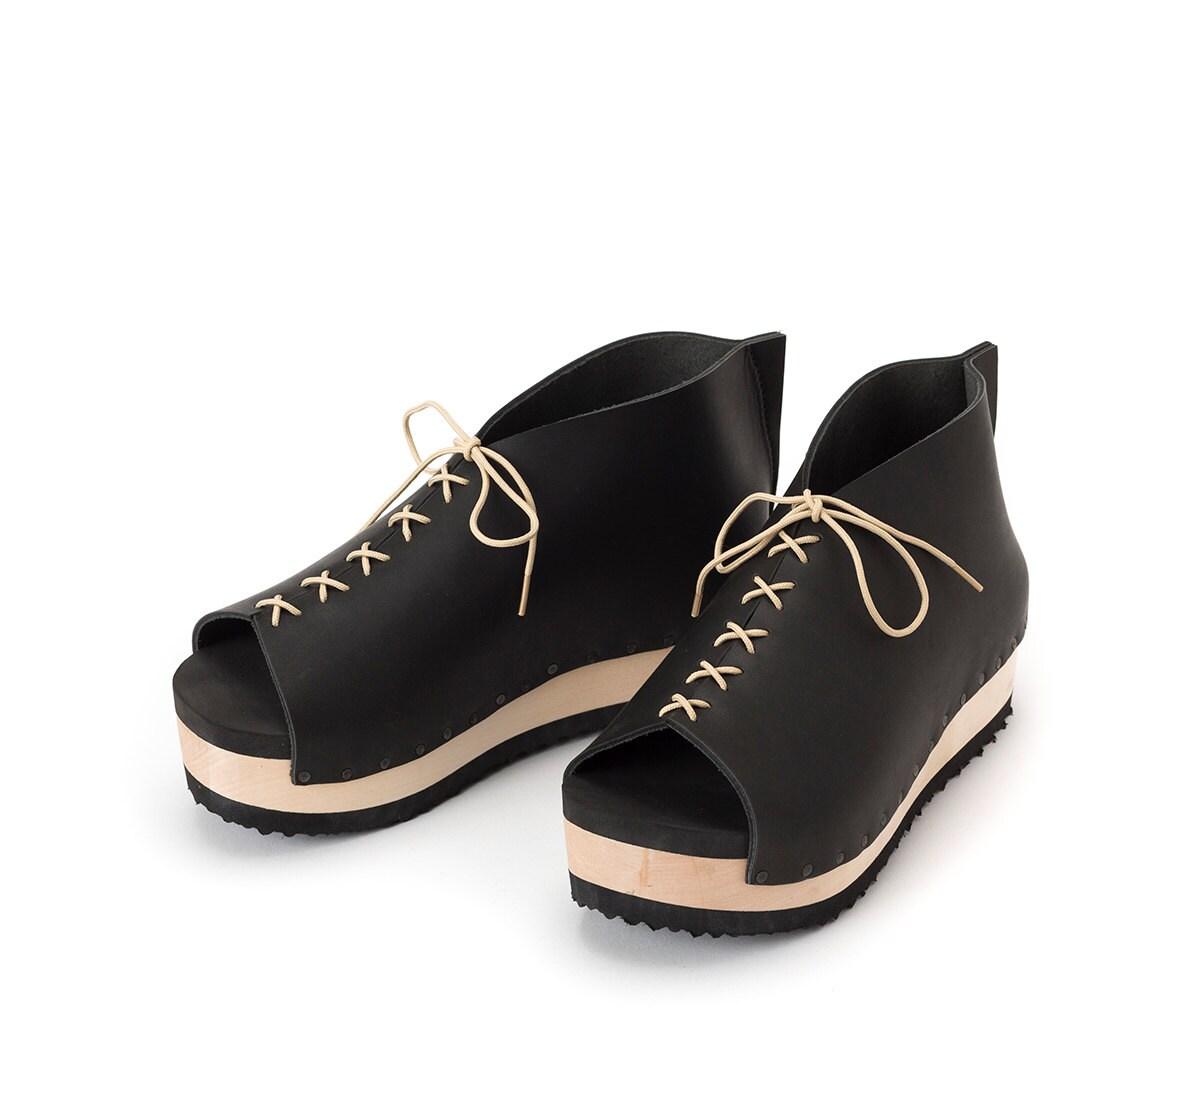 black s oxfords tie shoes wooden clogs